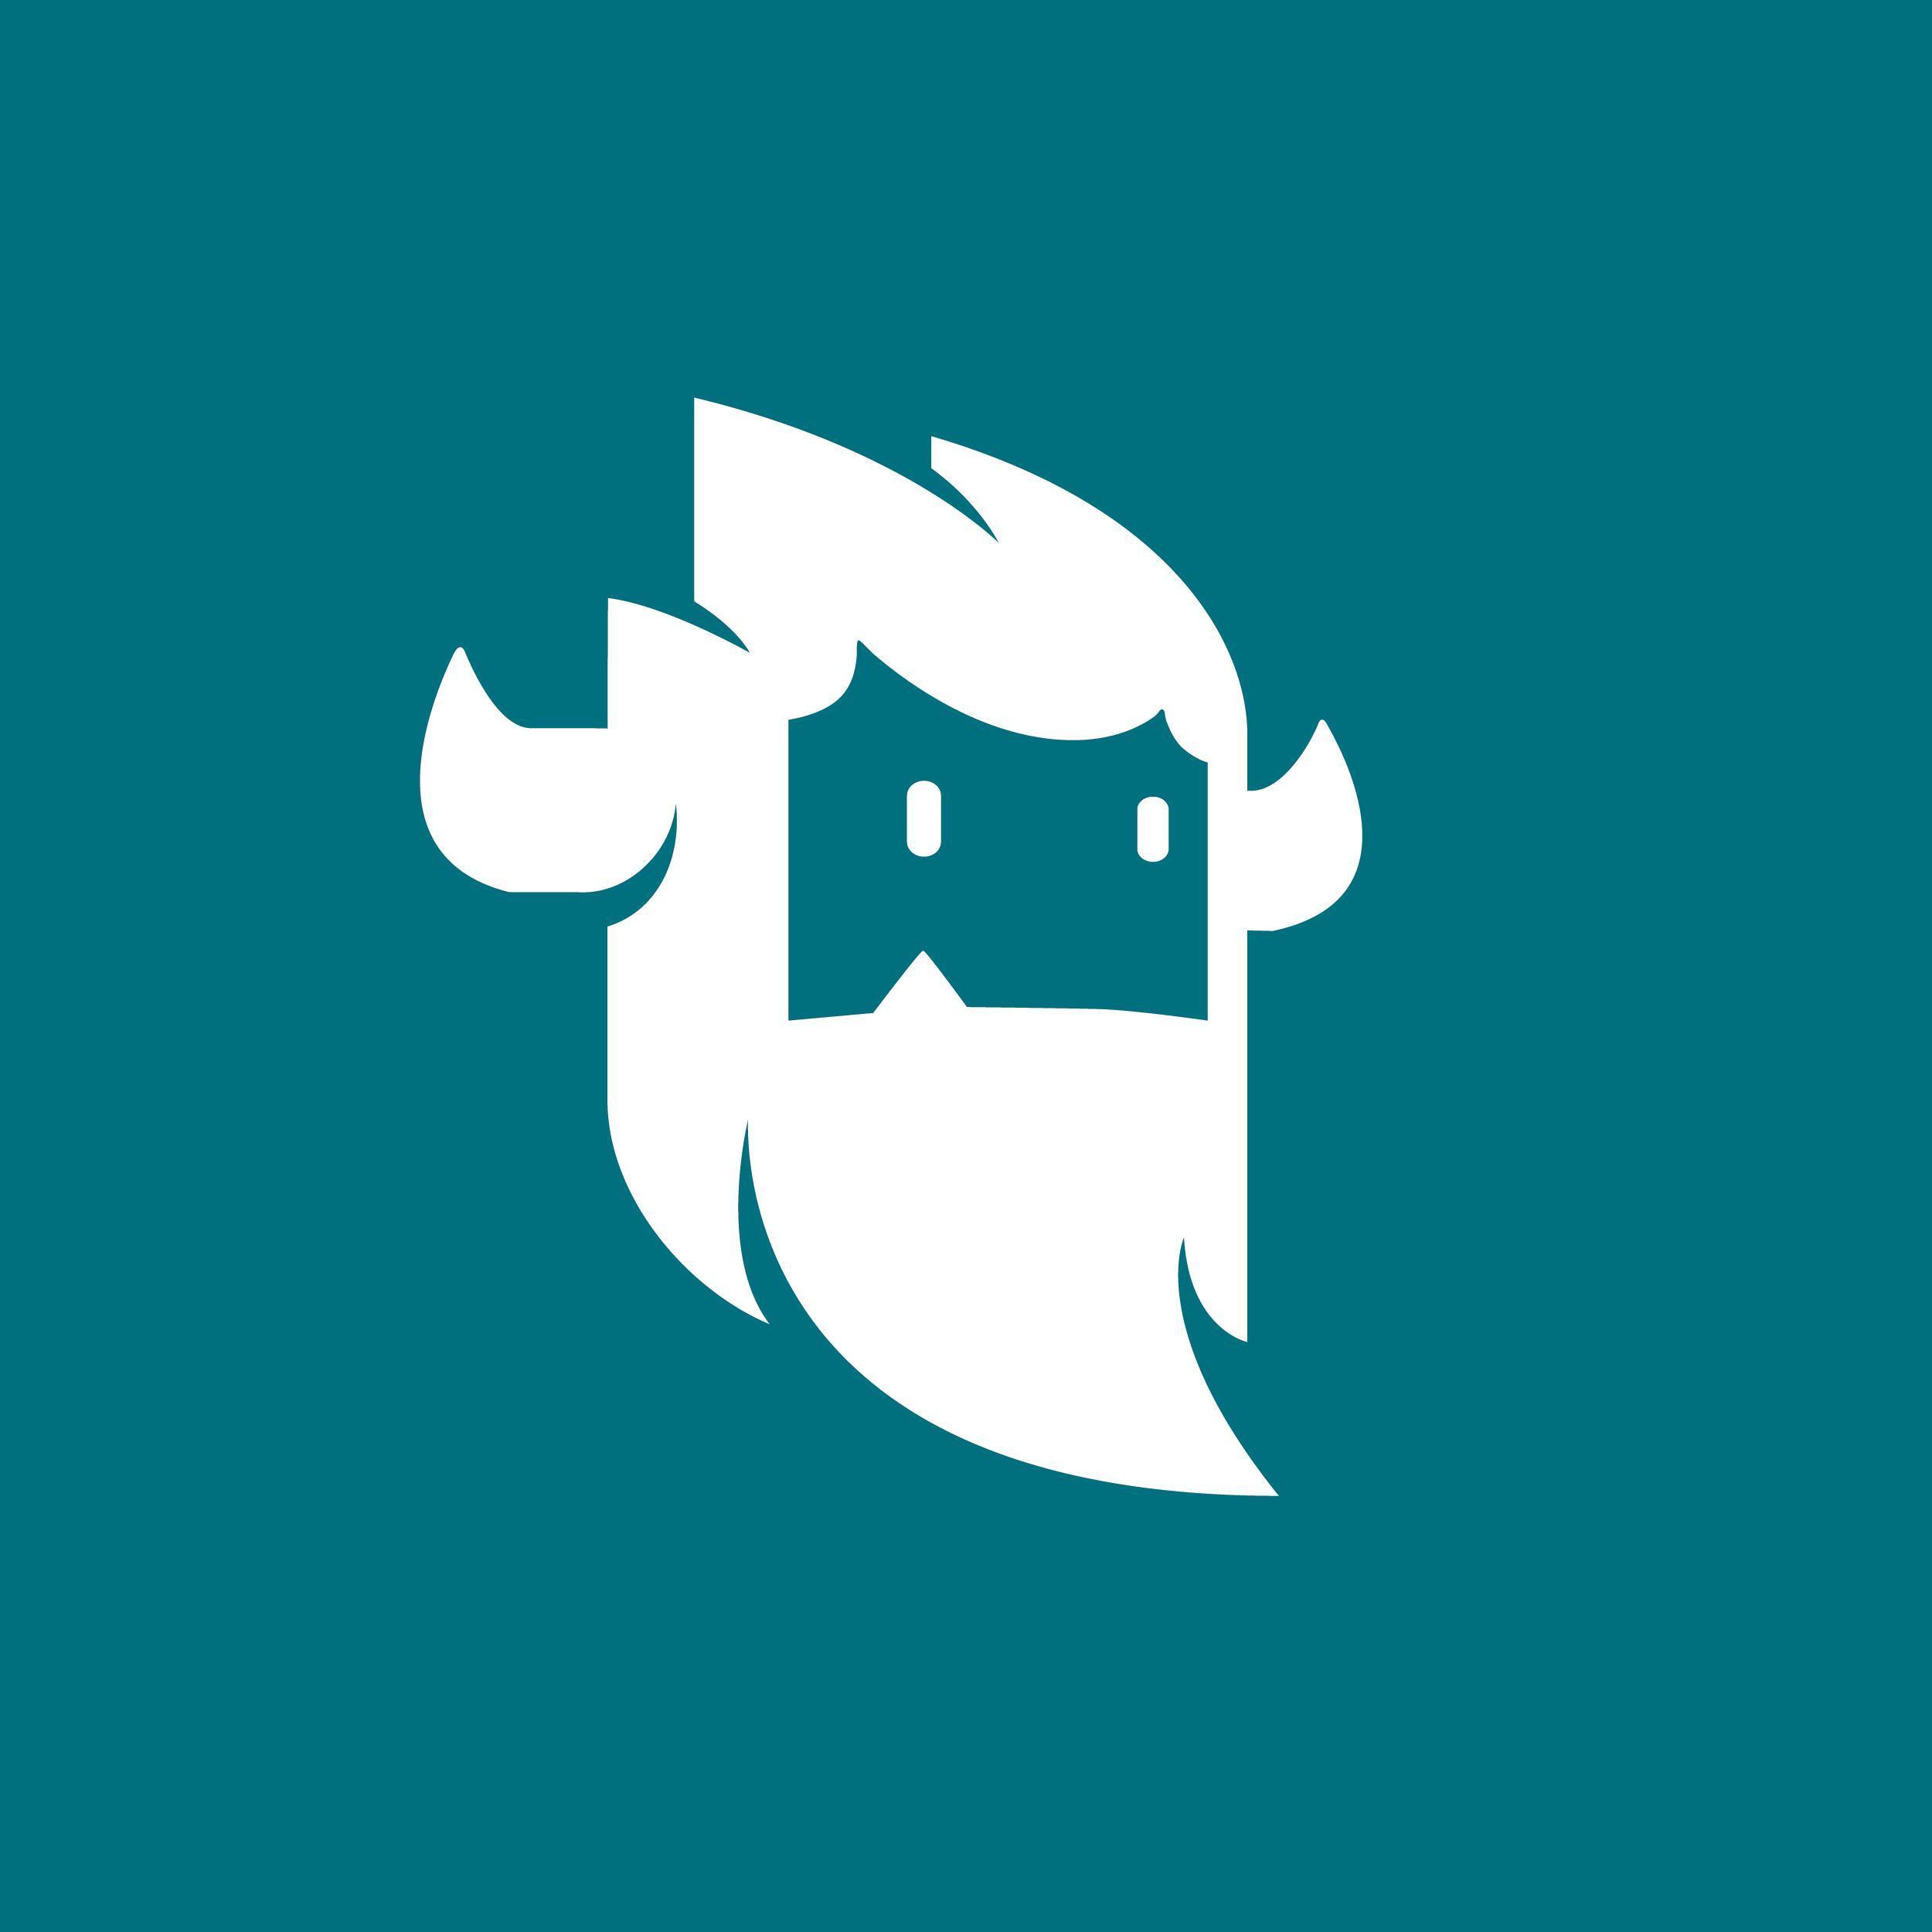 Yeti LLC